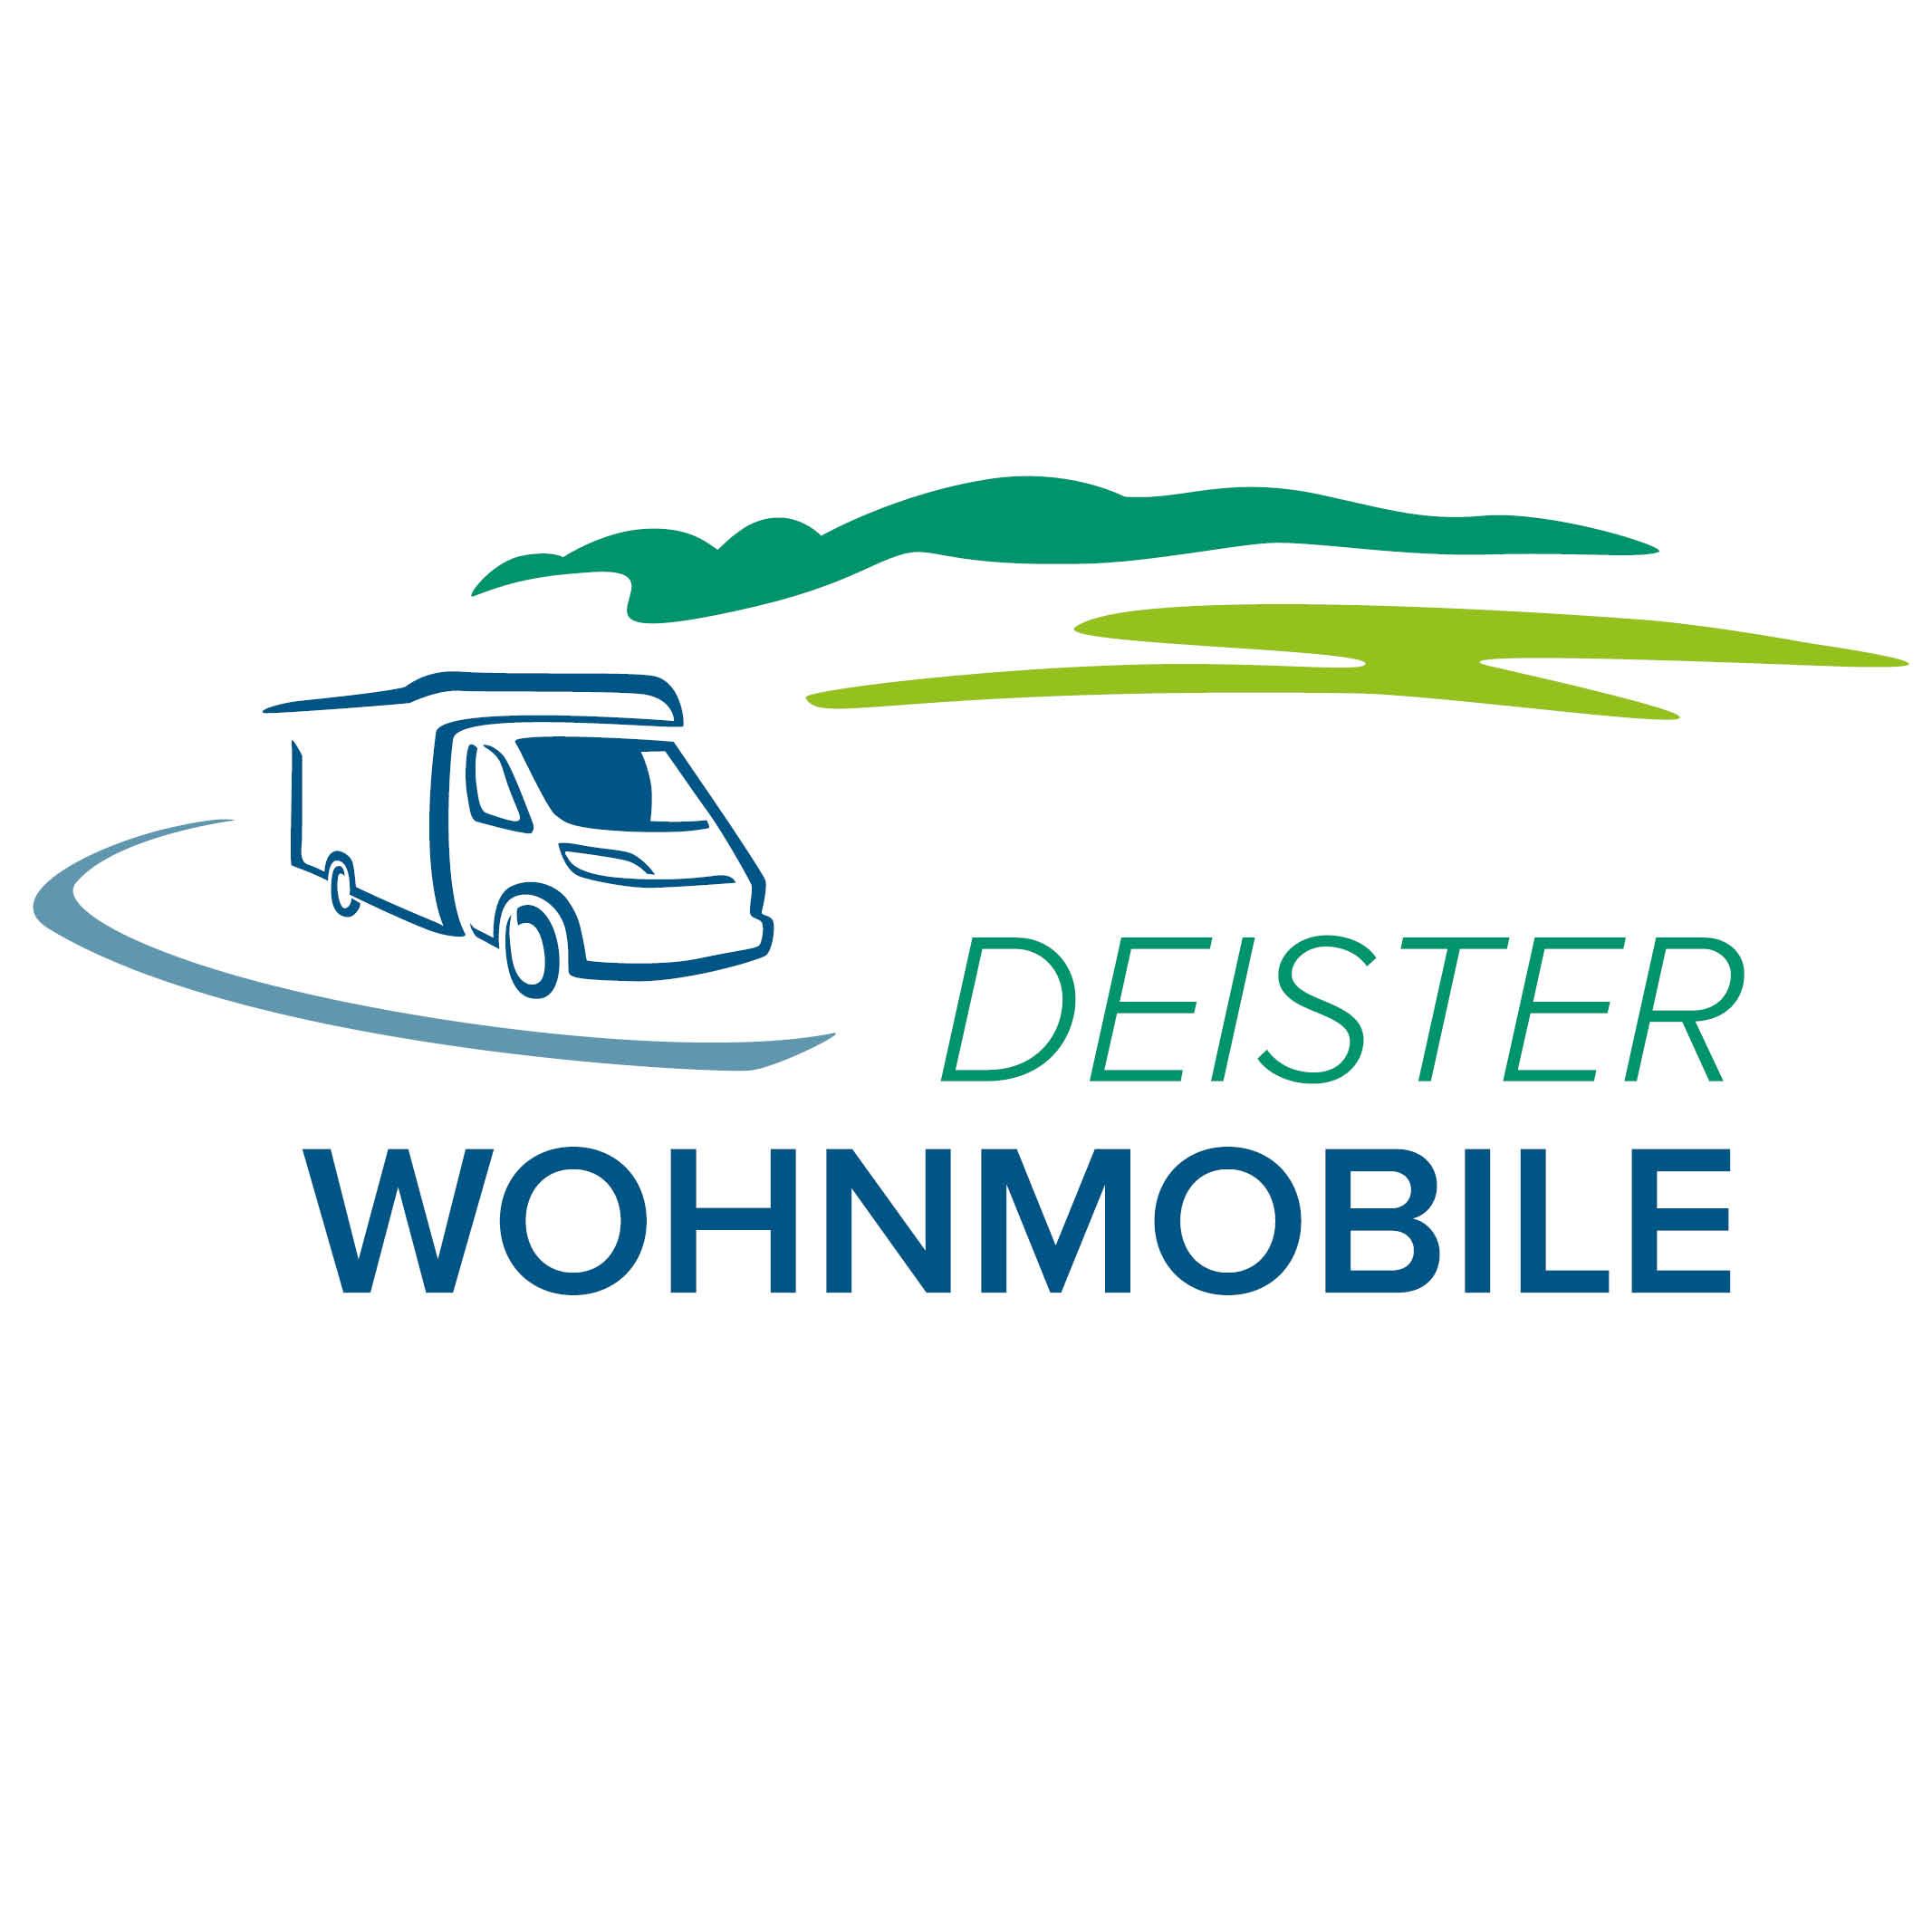 Deister Wohnmobile - Ihr kompetenter Partner für Wohnmobile